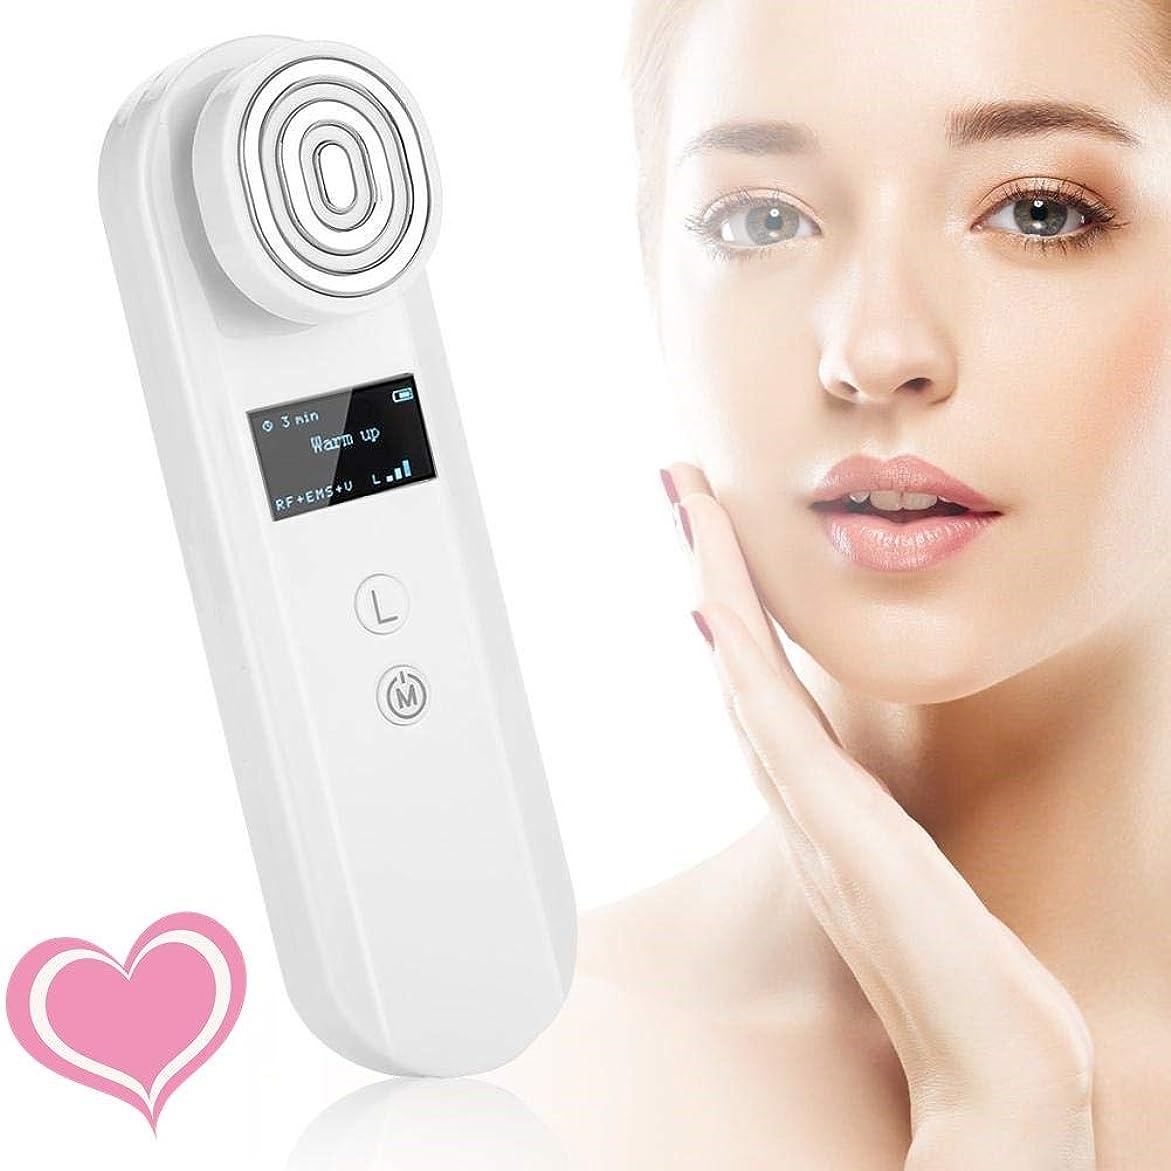 拡声器ペナルティ遺棄されたソニックフェイシャルマッサージデバイスRF理学療法フェイス美容デバイス、美容デバイスしわ除去アンチエイジング、スキンマッサージツール、リフト&しっかりした肌、ホーム&ビューティーサロンポータブル